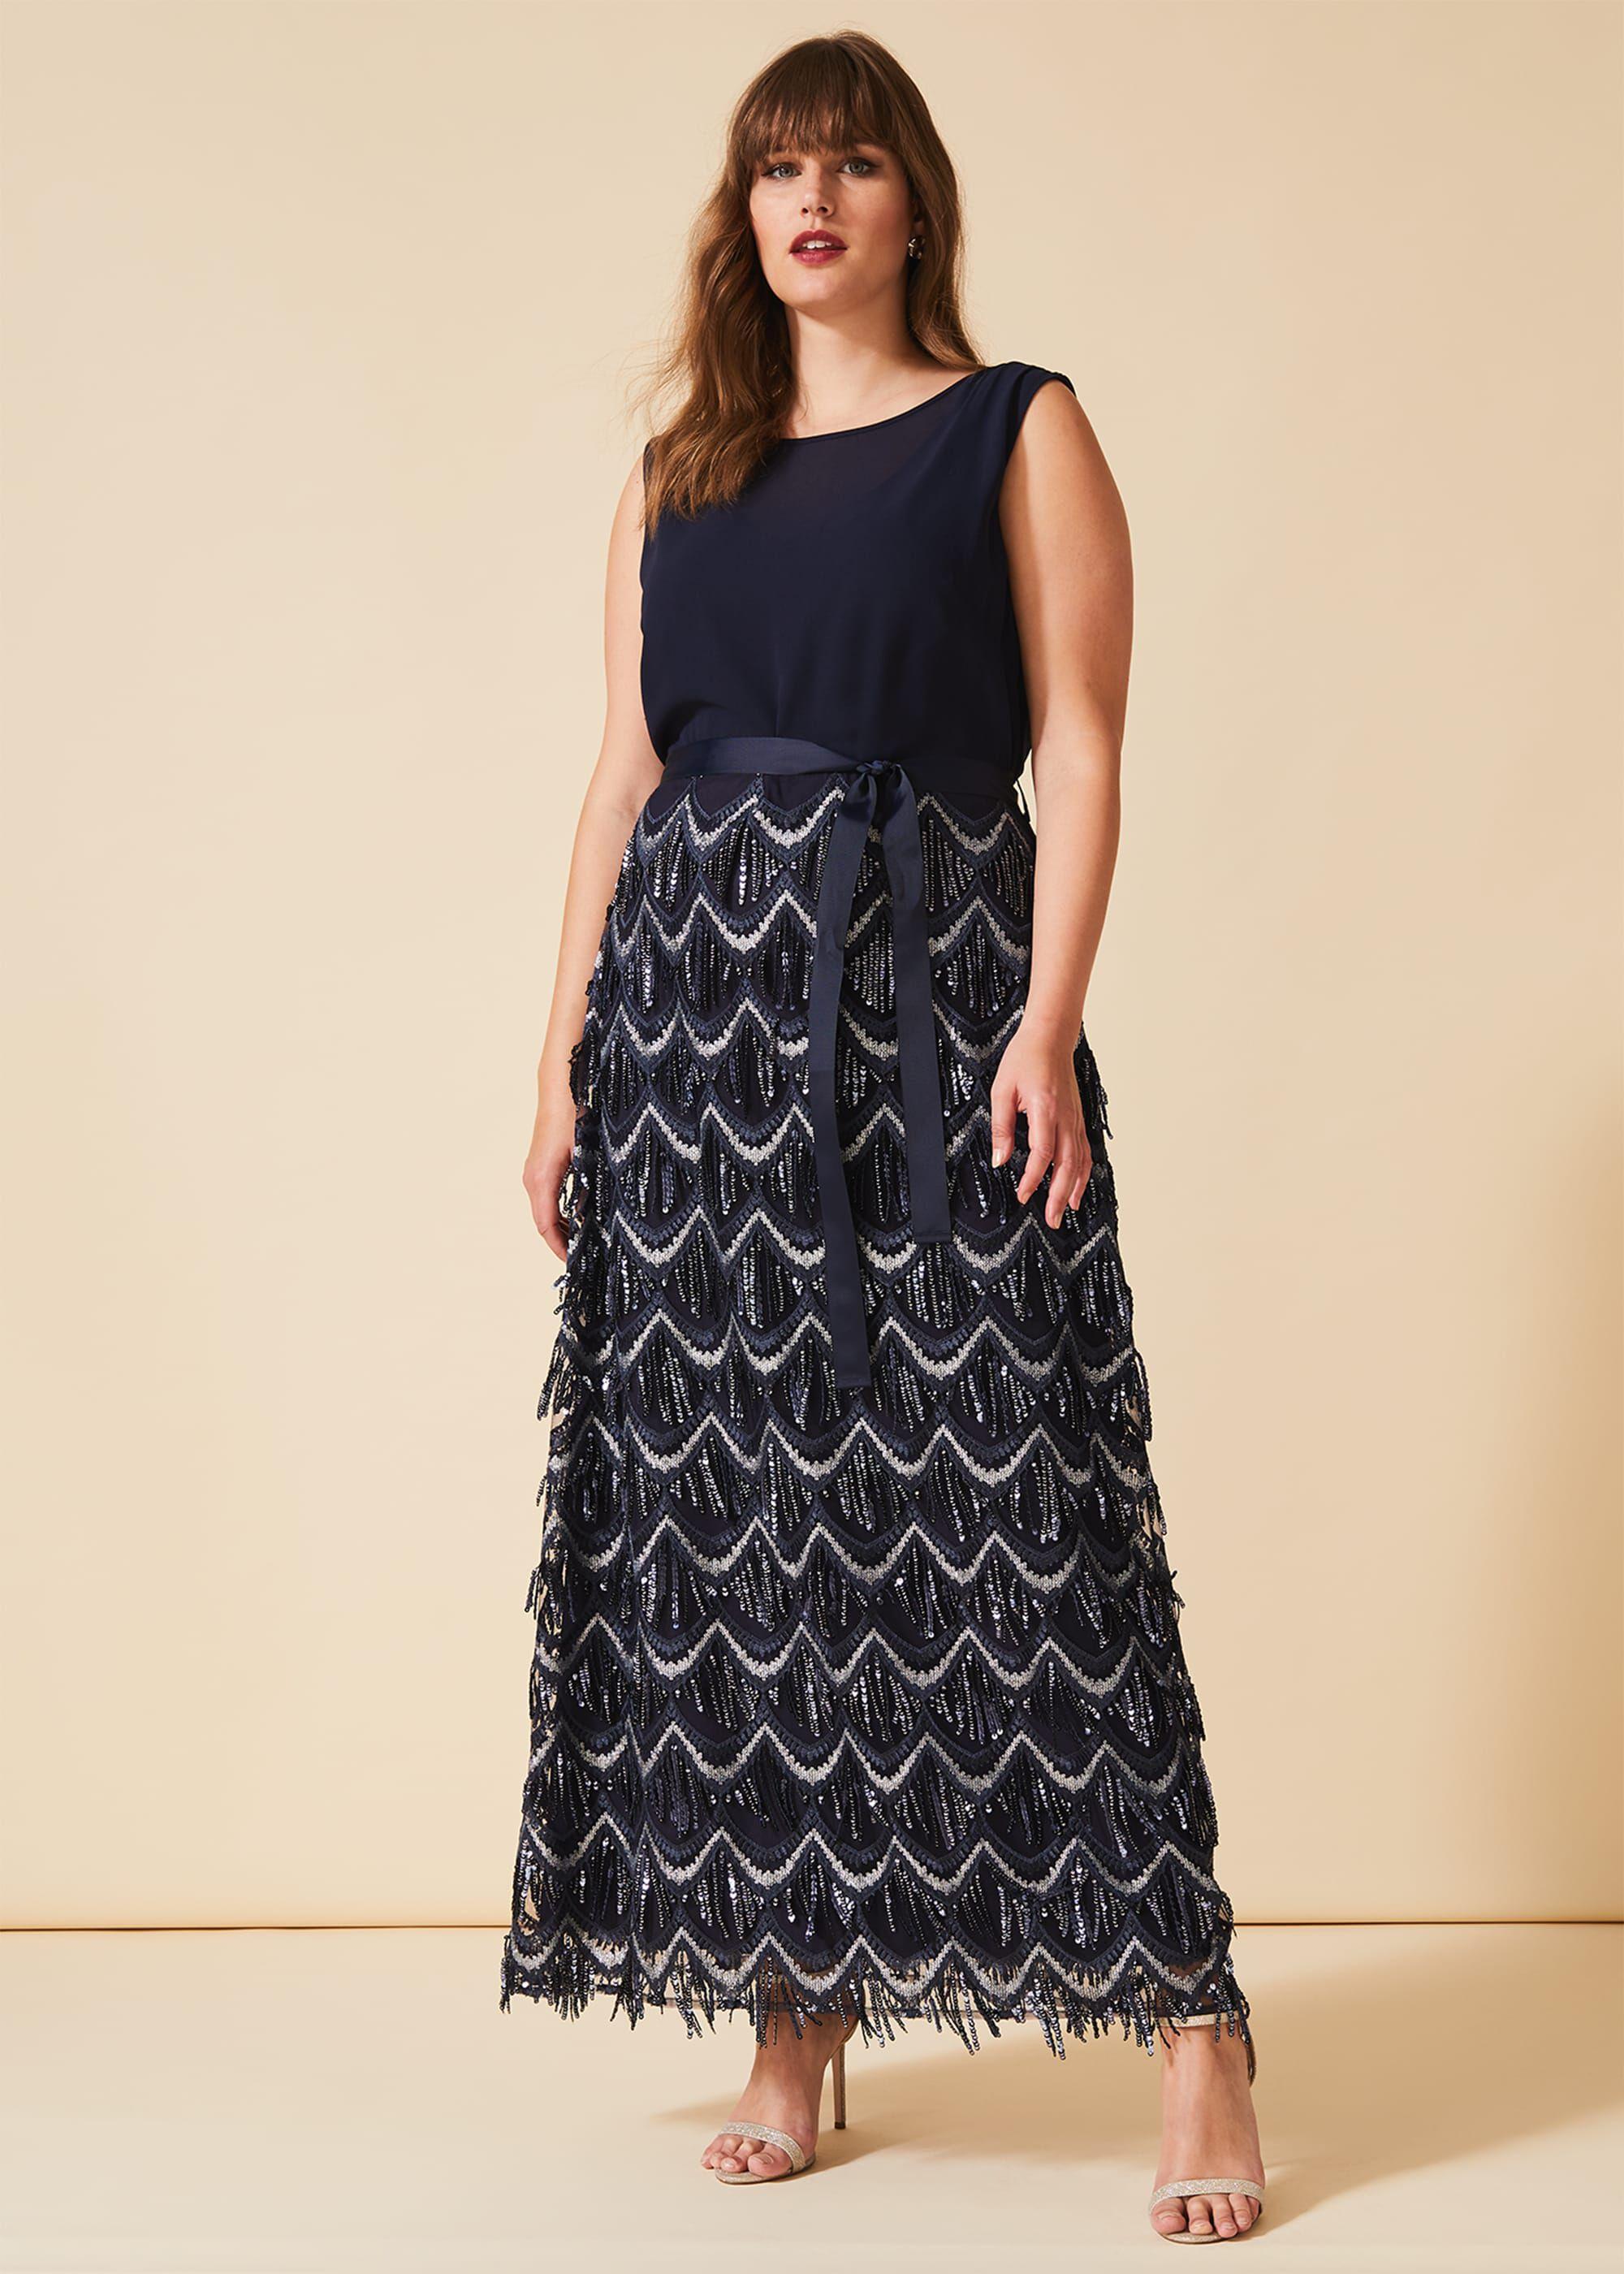 Plus Size Bridesmaid Dresses   Studio 8